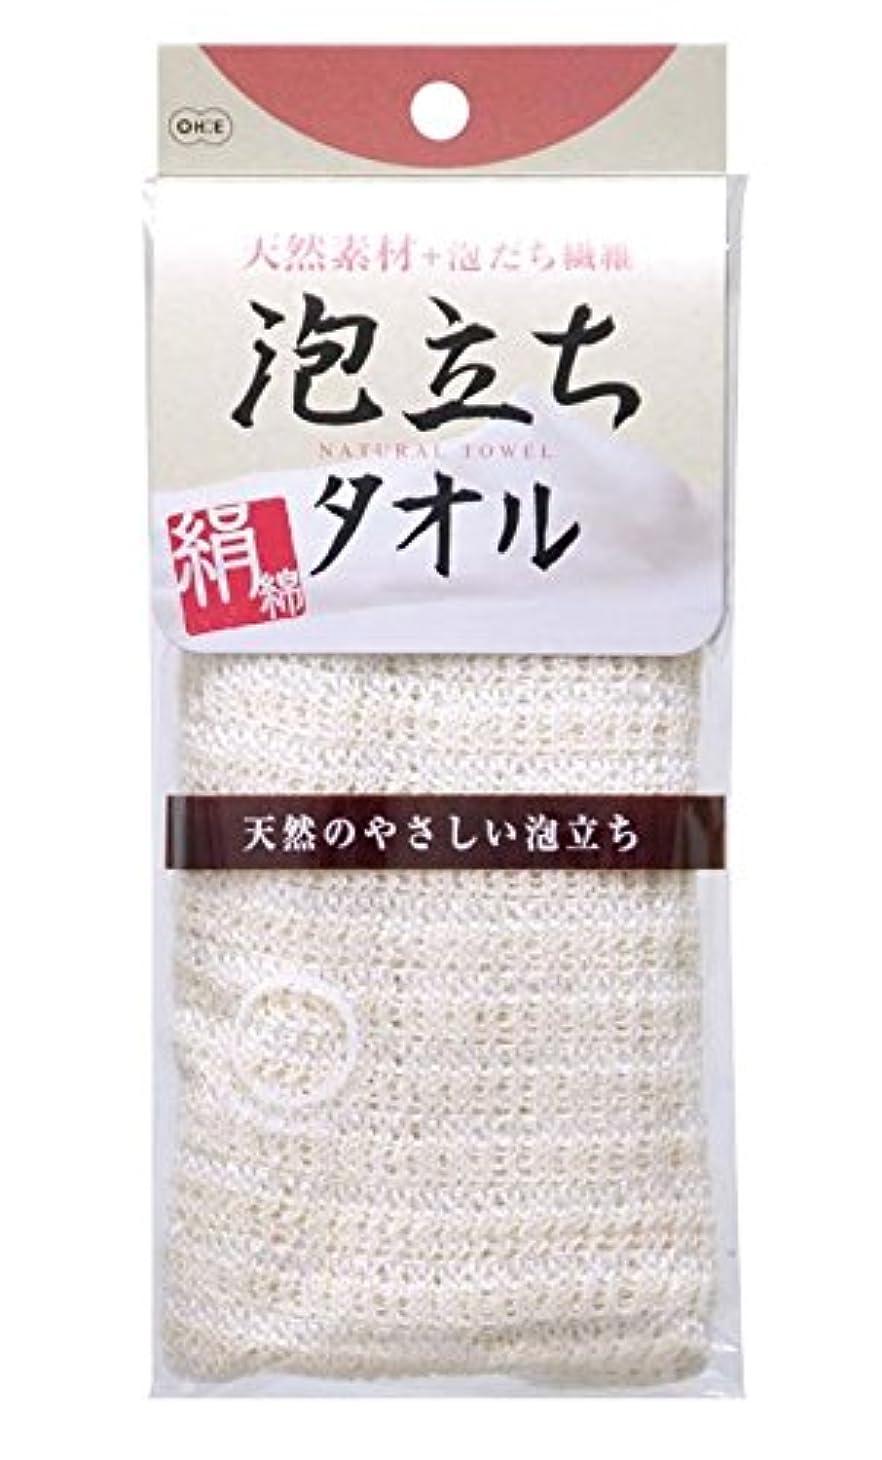 パック瞑想する最大化するオーエ 泡立ち天然タオル 絹綿